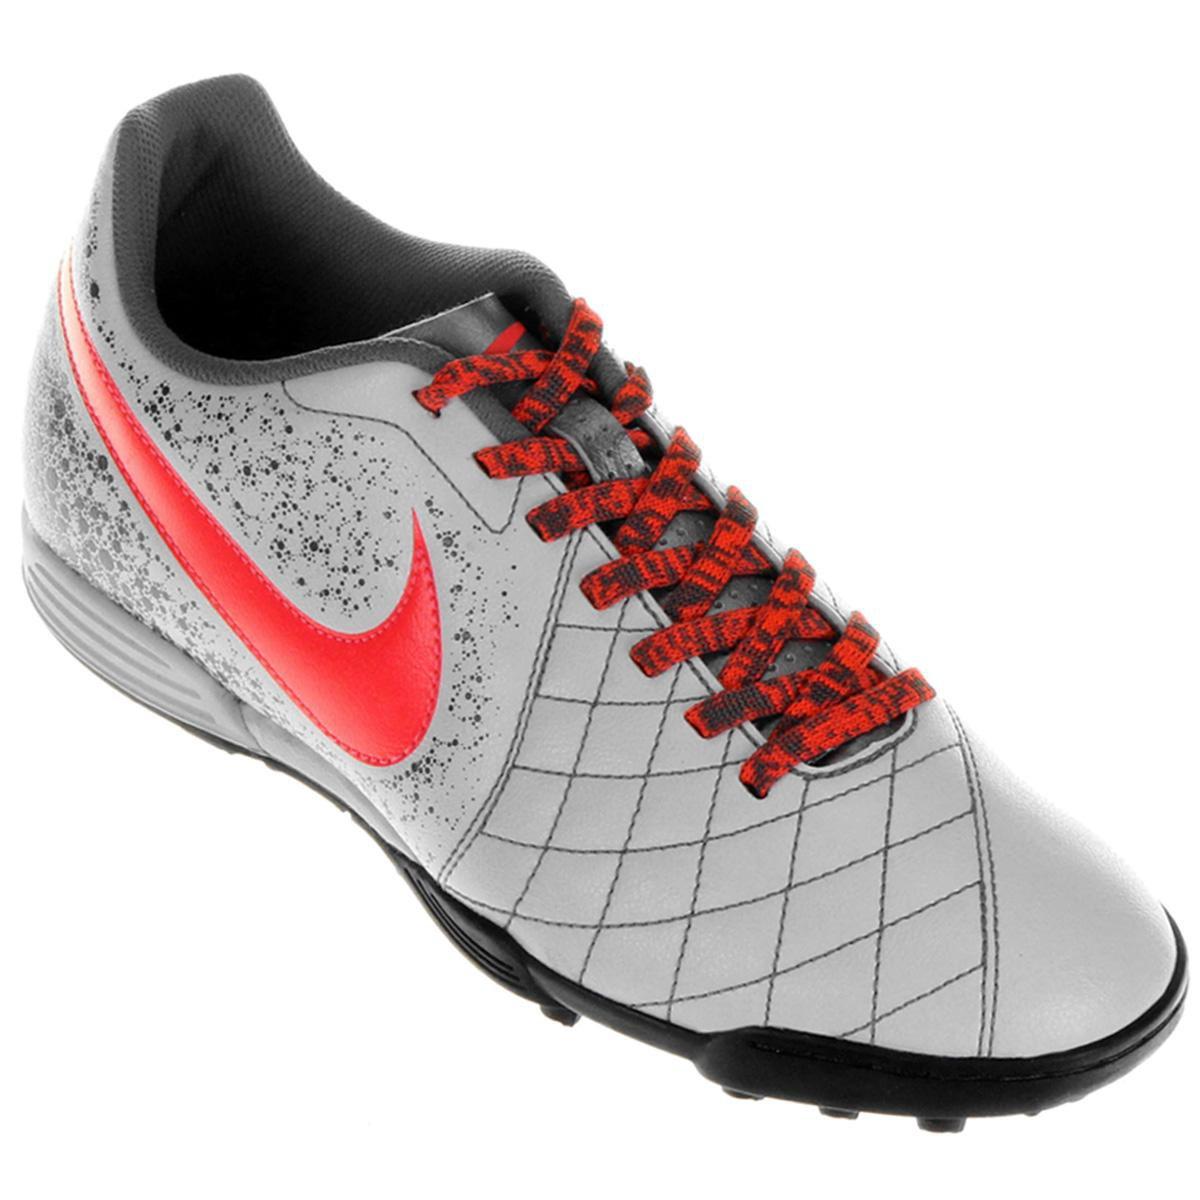 83751efea5 Chuteira Nike Flare 2 TF - Compre Agora